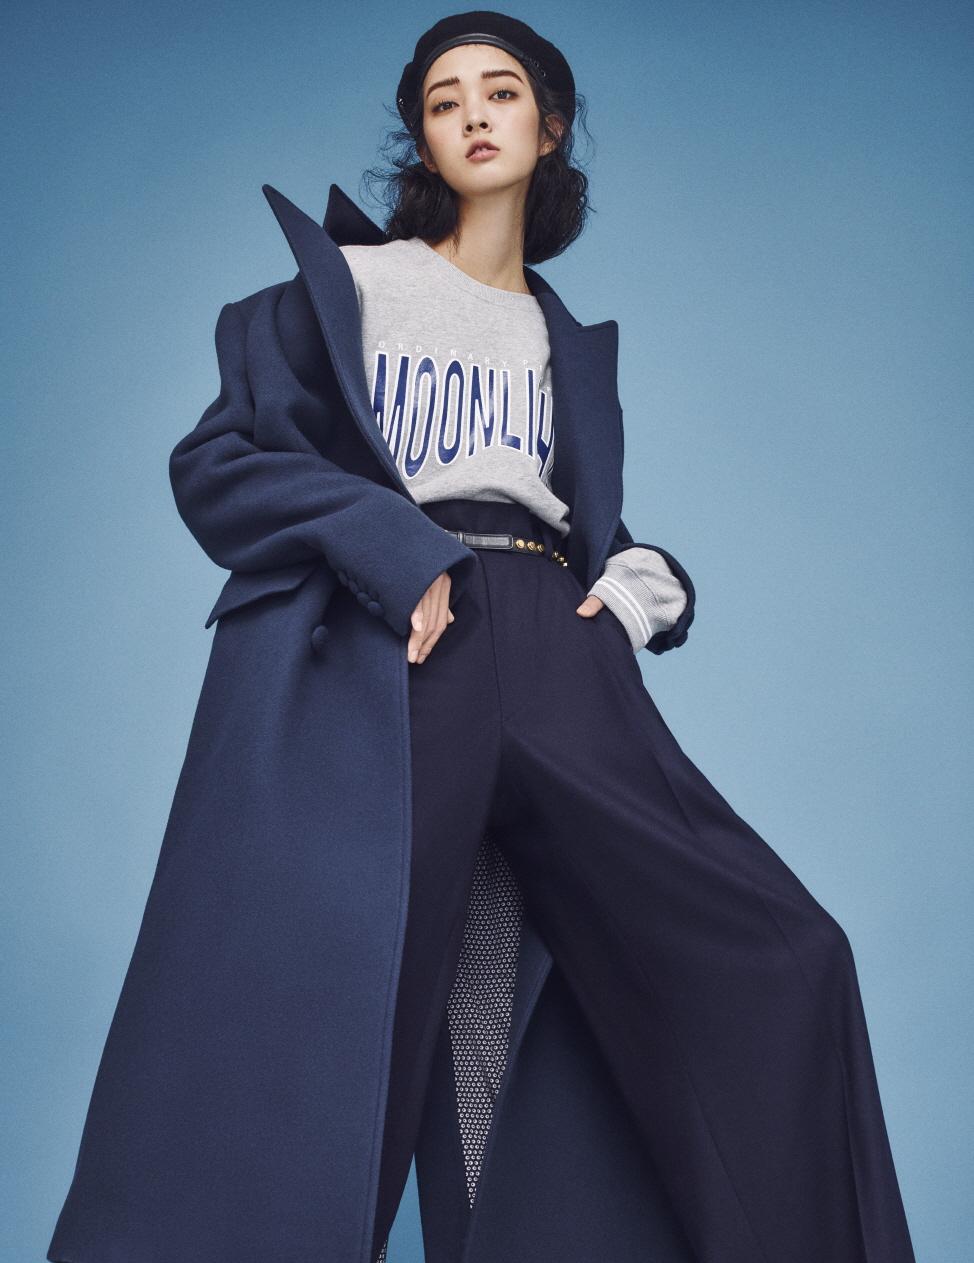 지금 패션 코리아를 이끌어가고 있는 서울의 젊은 디자이너 11명의 2016 F/W 컬렉션을 소개한다. 놓치지 말아야 할 것은 이 컬렉션이 당신의 옷장으로 배달될 수도 있다는 사실!